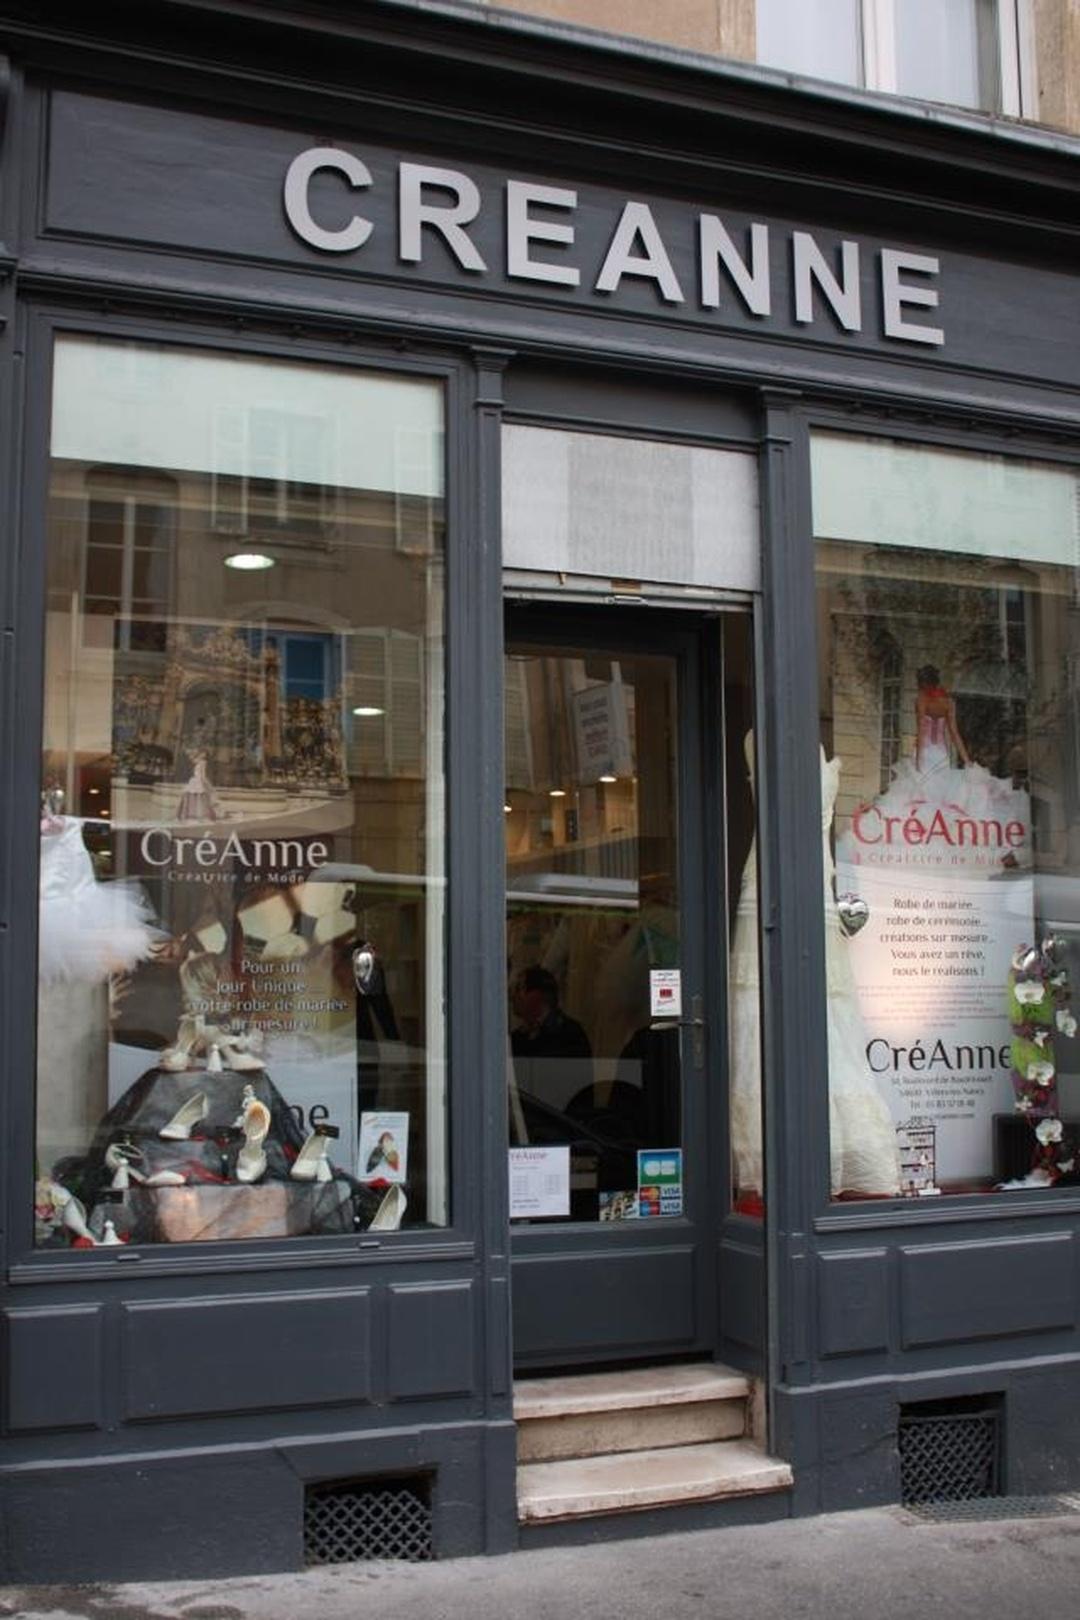 Foto vom 5. Februar 2016 18:55, CréAnne - Fashion House, 13 Rue des Carmes, 54000 Nancy, Frankreich